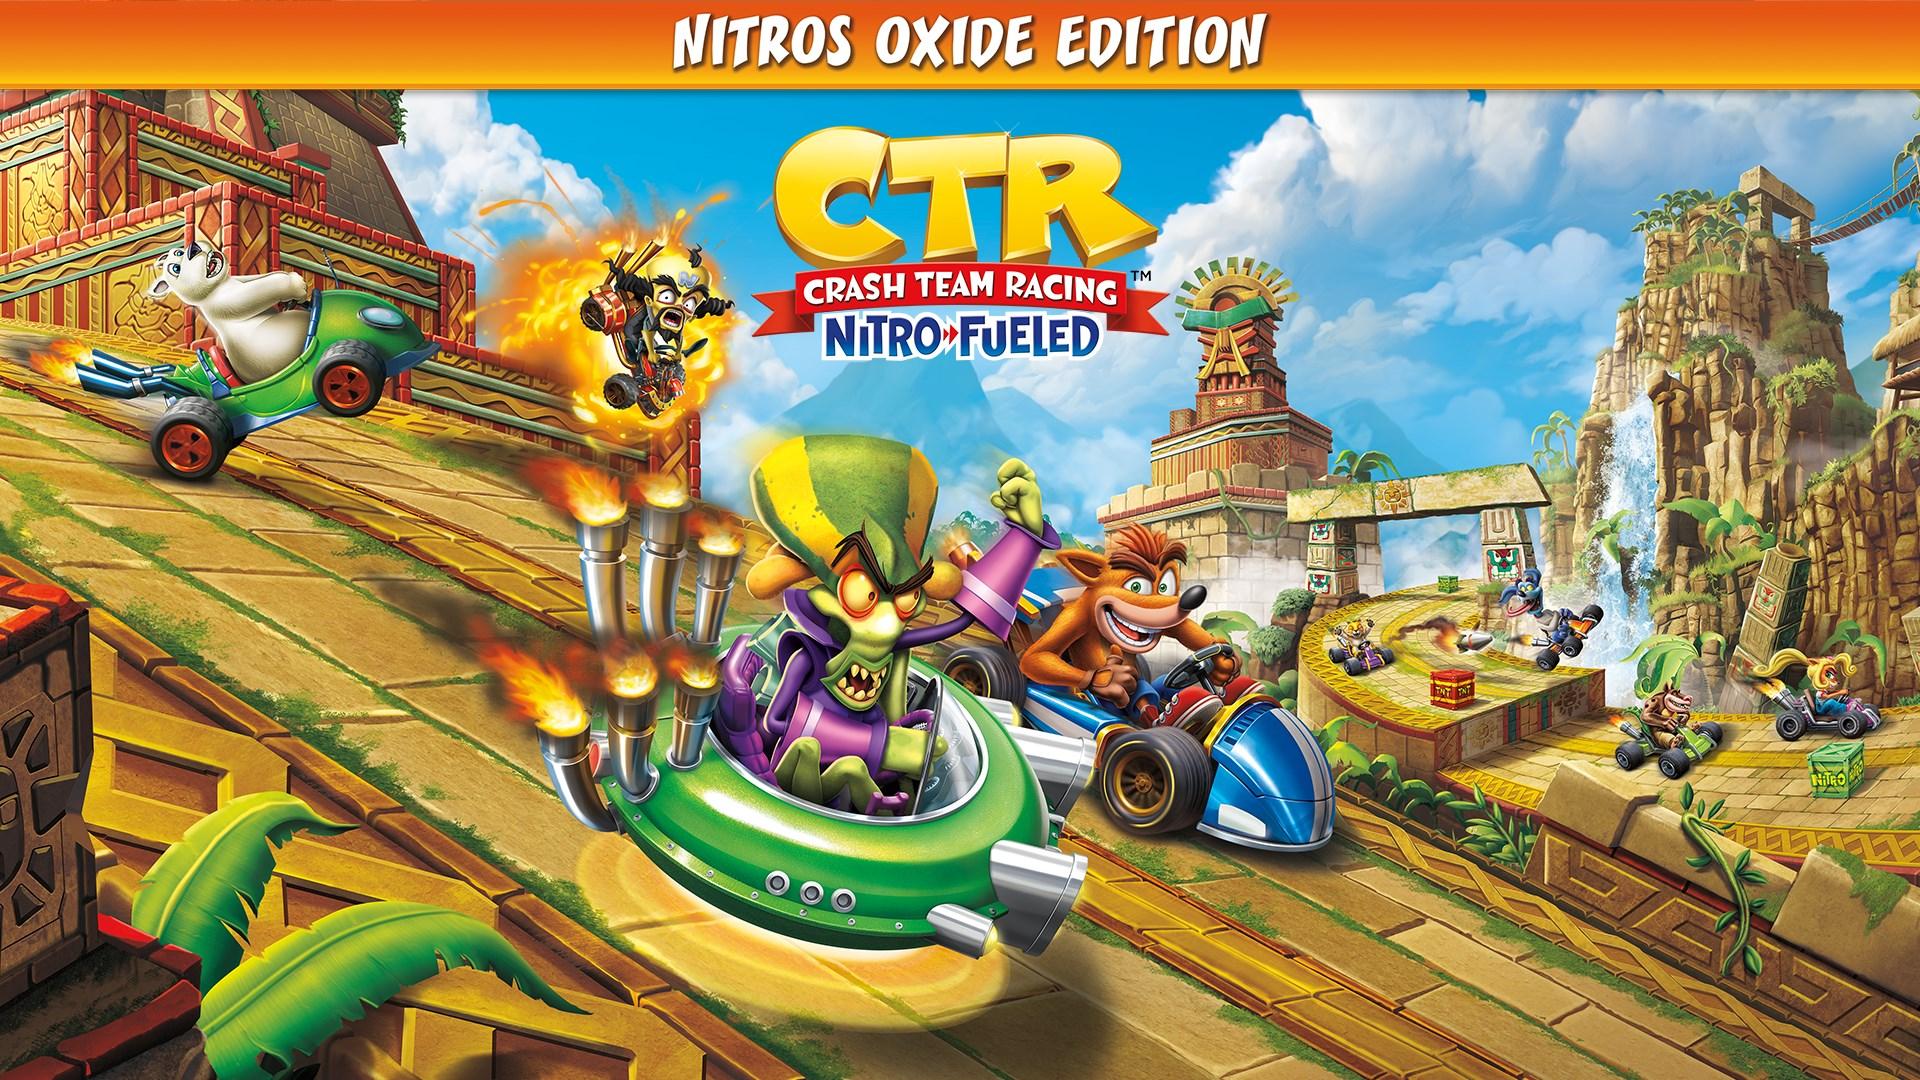 Скриншот №7 к Crash™ Team Racing Nitro-Fueled - издание Nitros Oxide